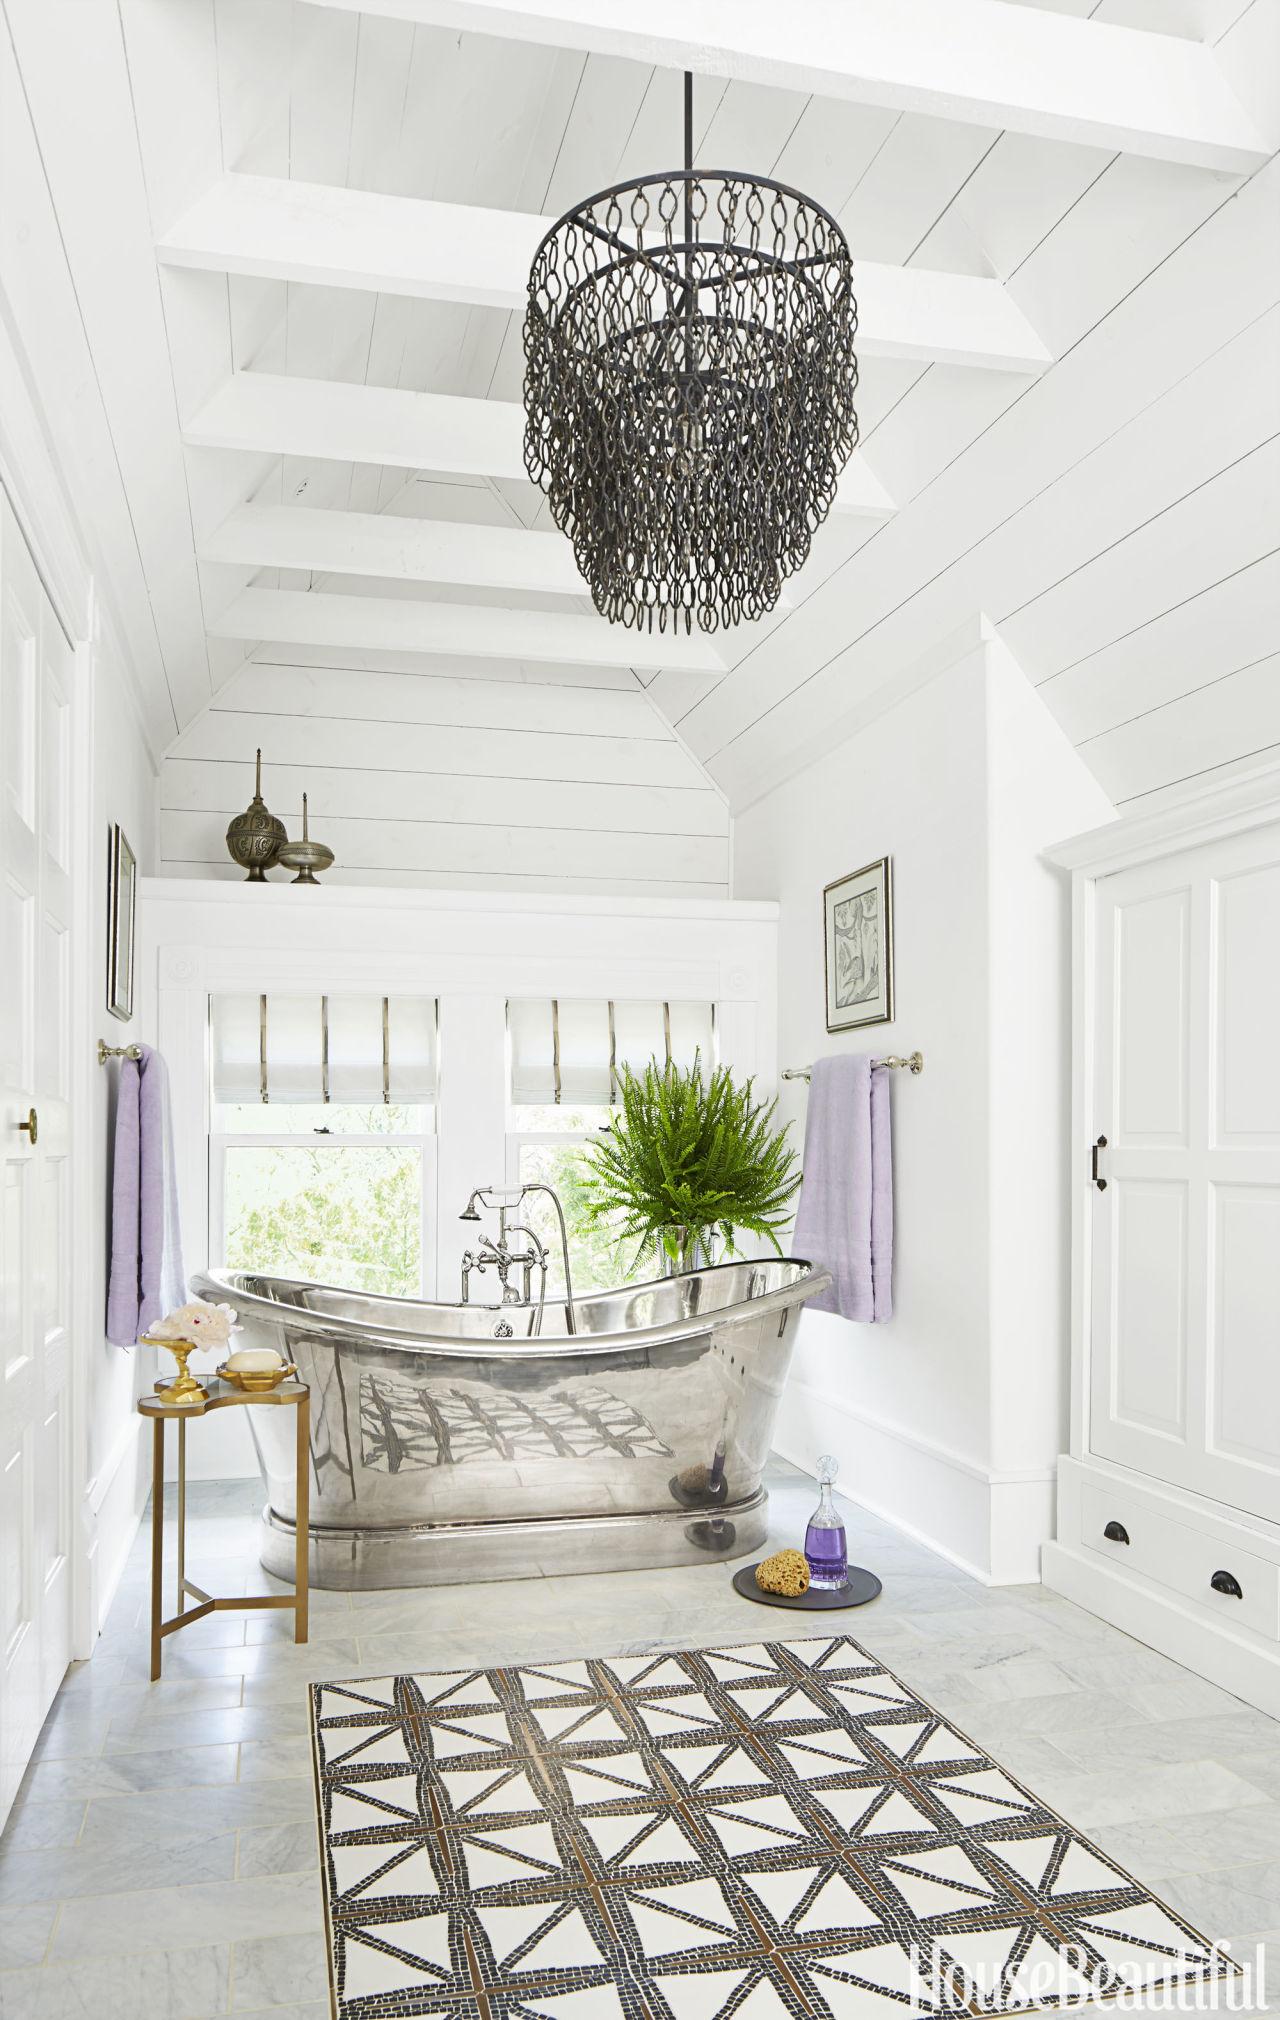 40 Bathroom Tile Design Ideas - Tile Backsplash and Floor ... on Floral Tile Bathroom Ideas  id=45237